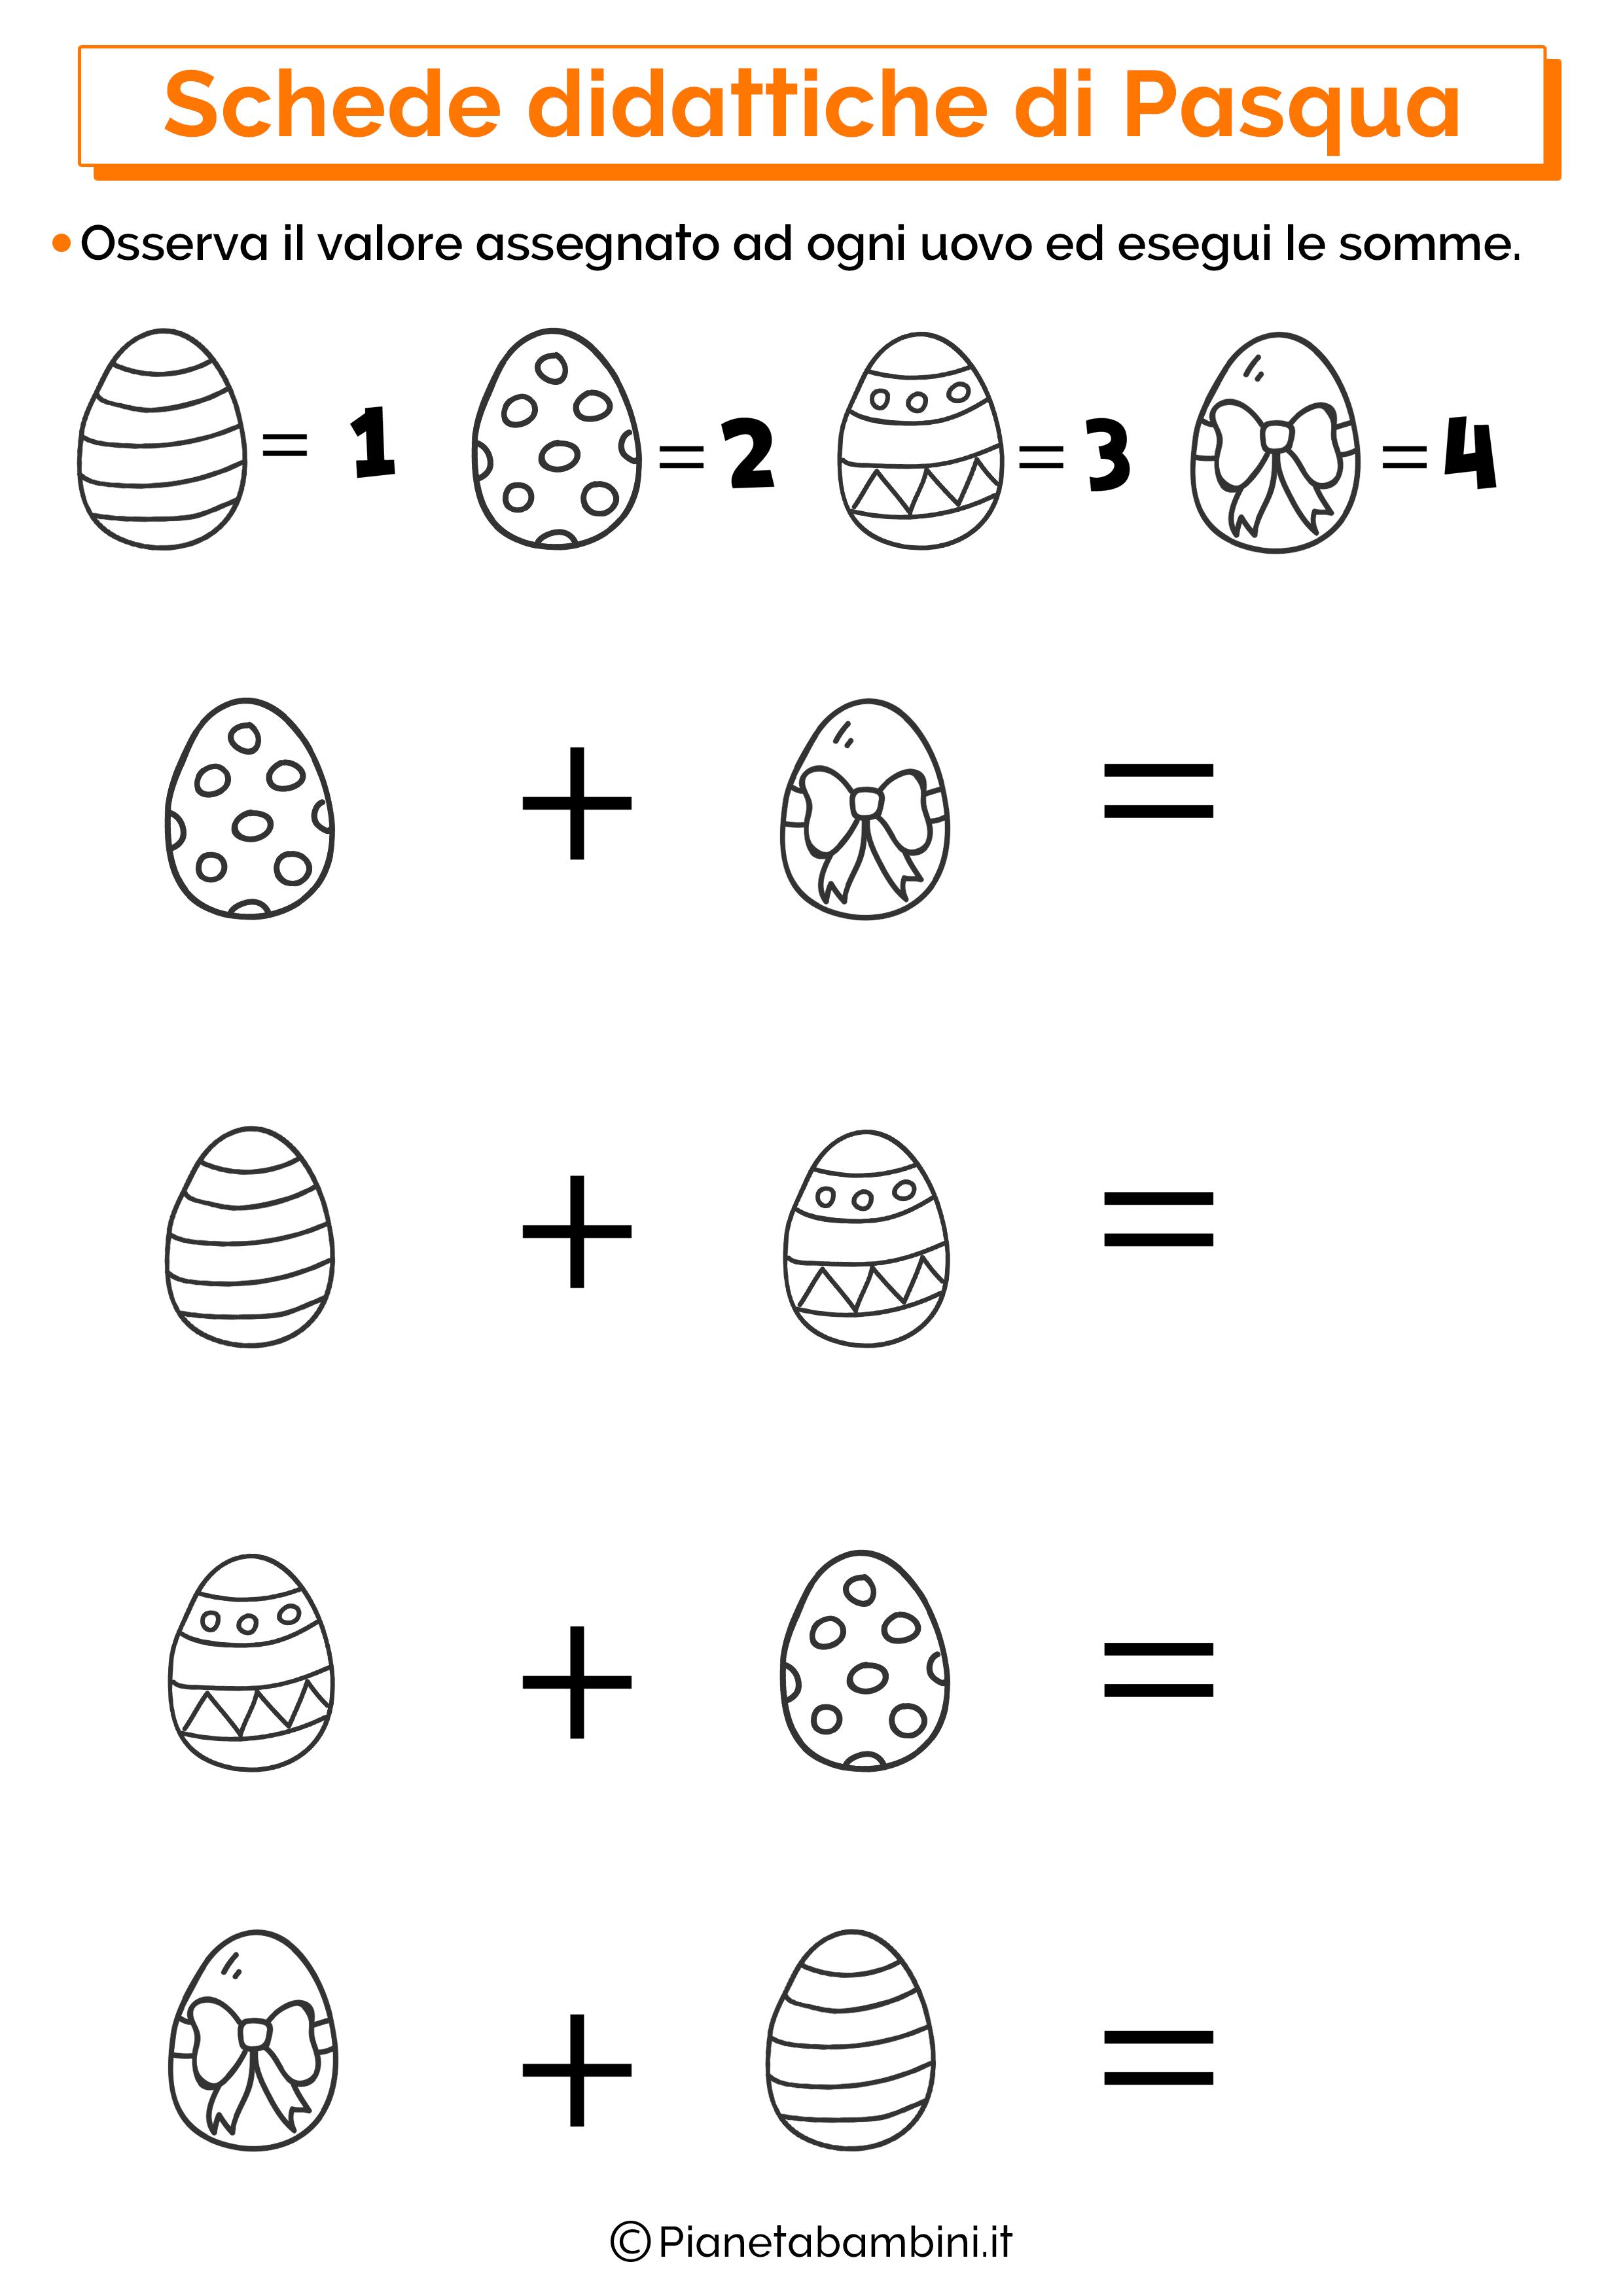 Scheda didattica sulla Pasqua per la scuola primaria 14